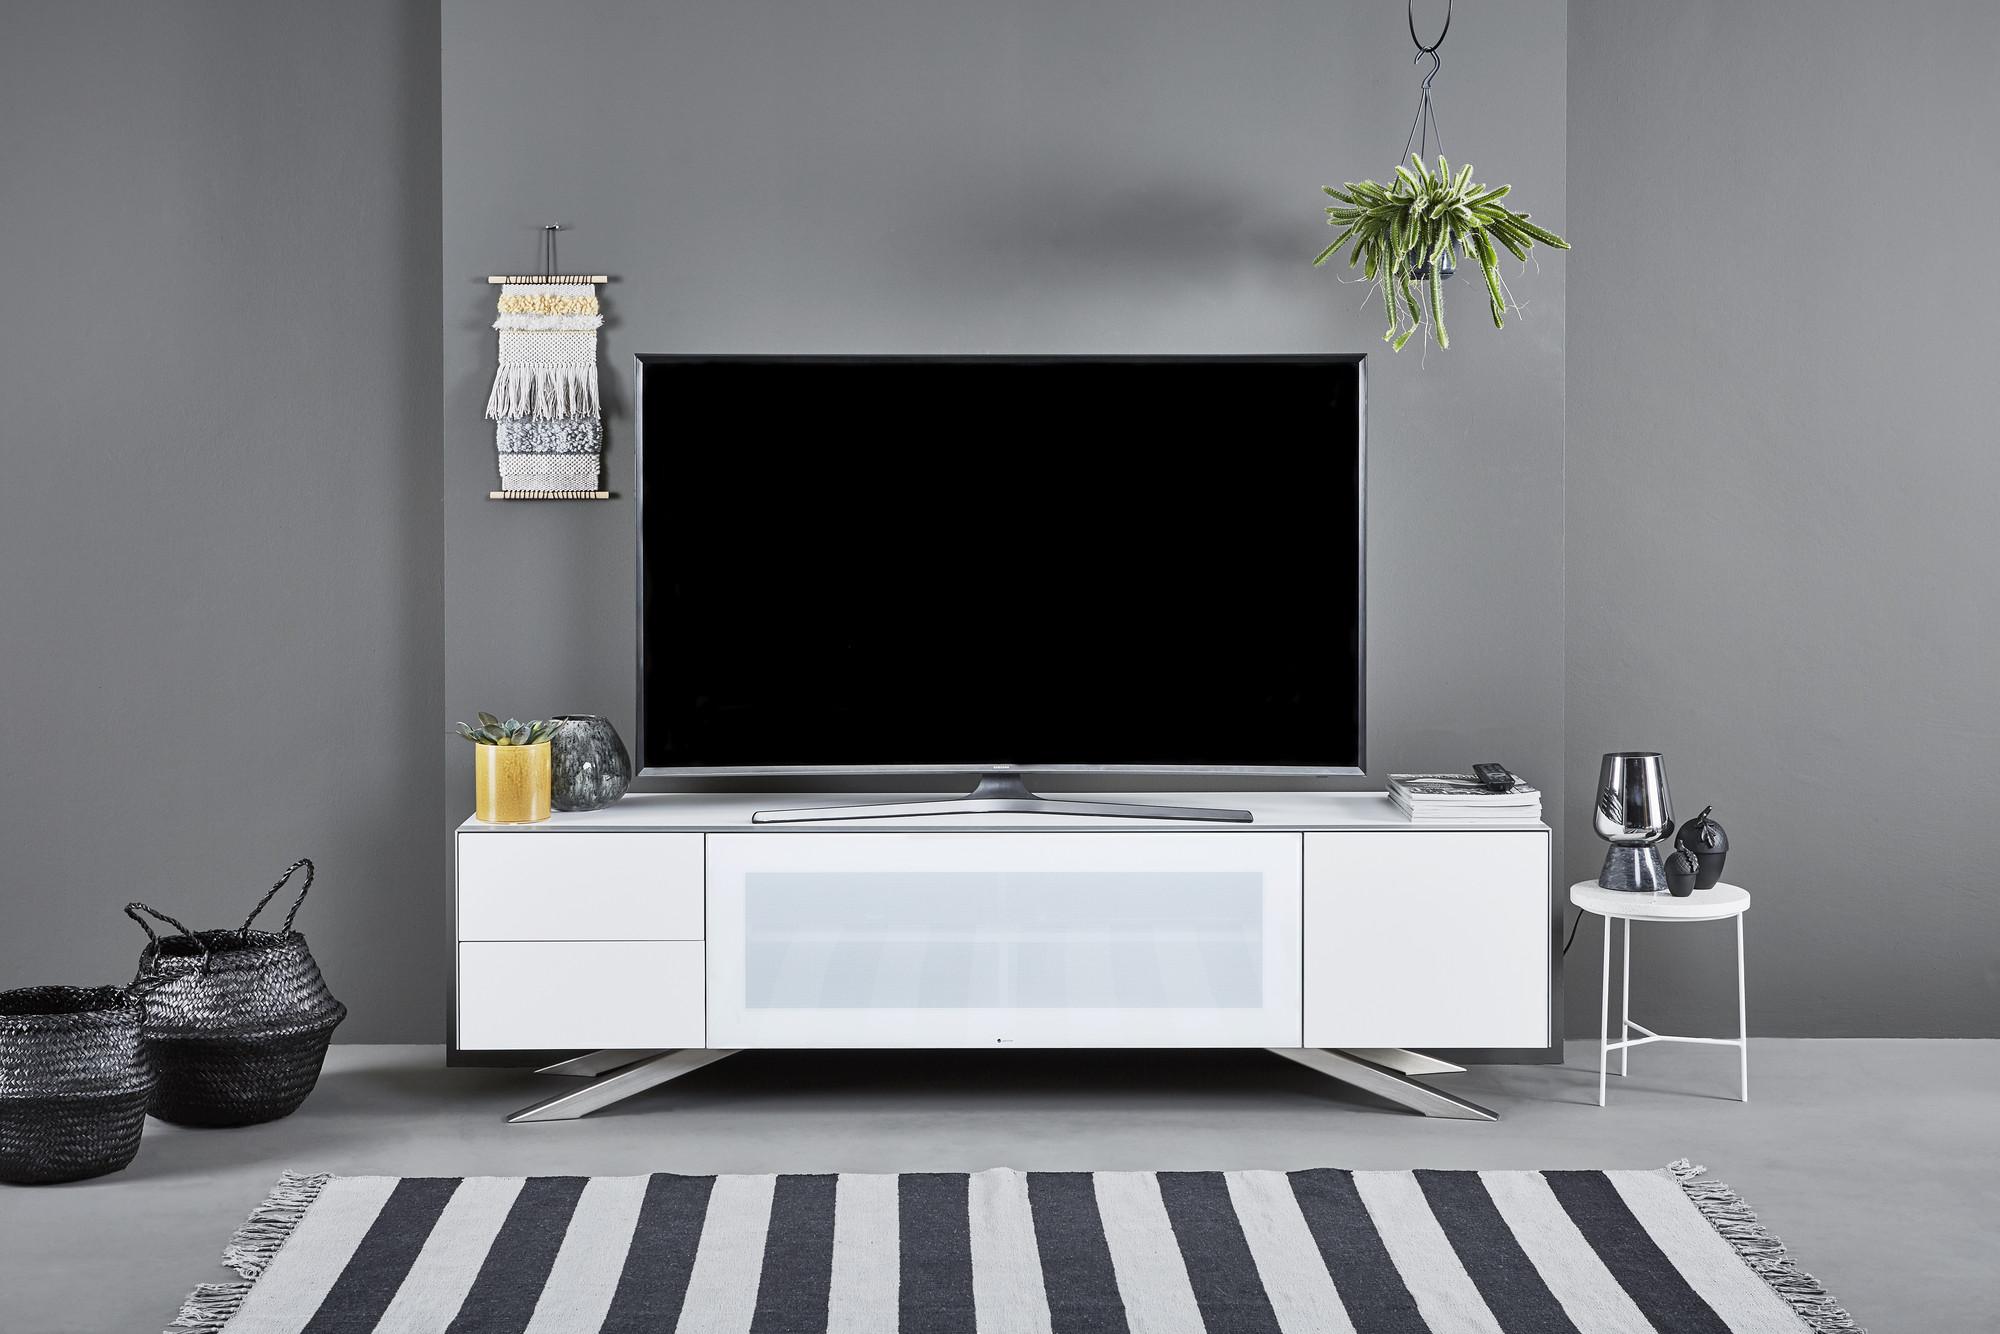 jahnke tv lowboard Möbel die mehr Können u2013 Jahnke Möbel